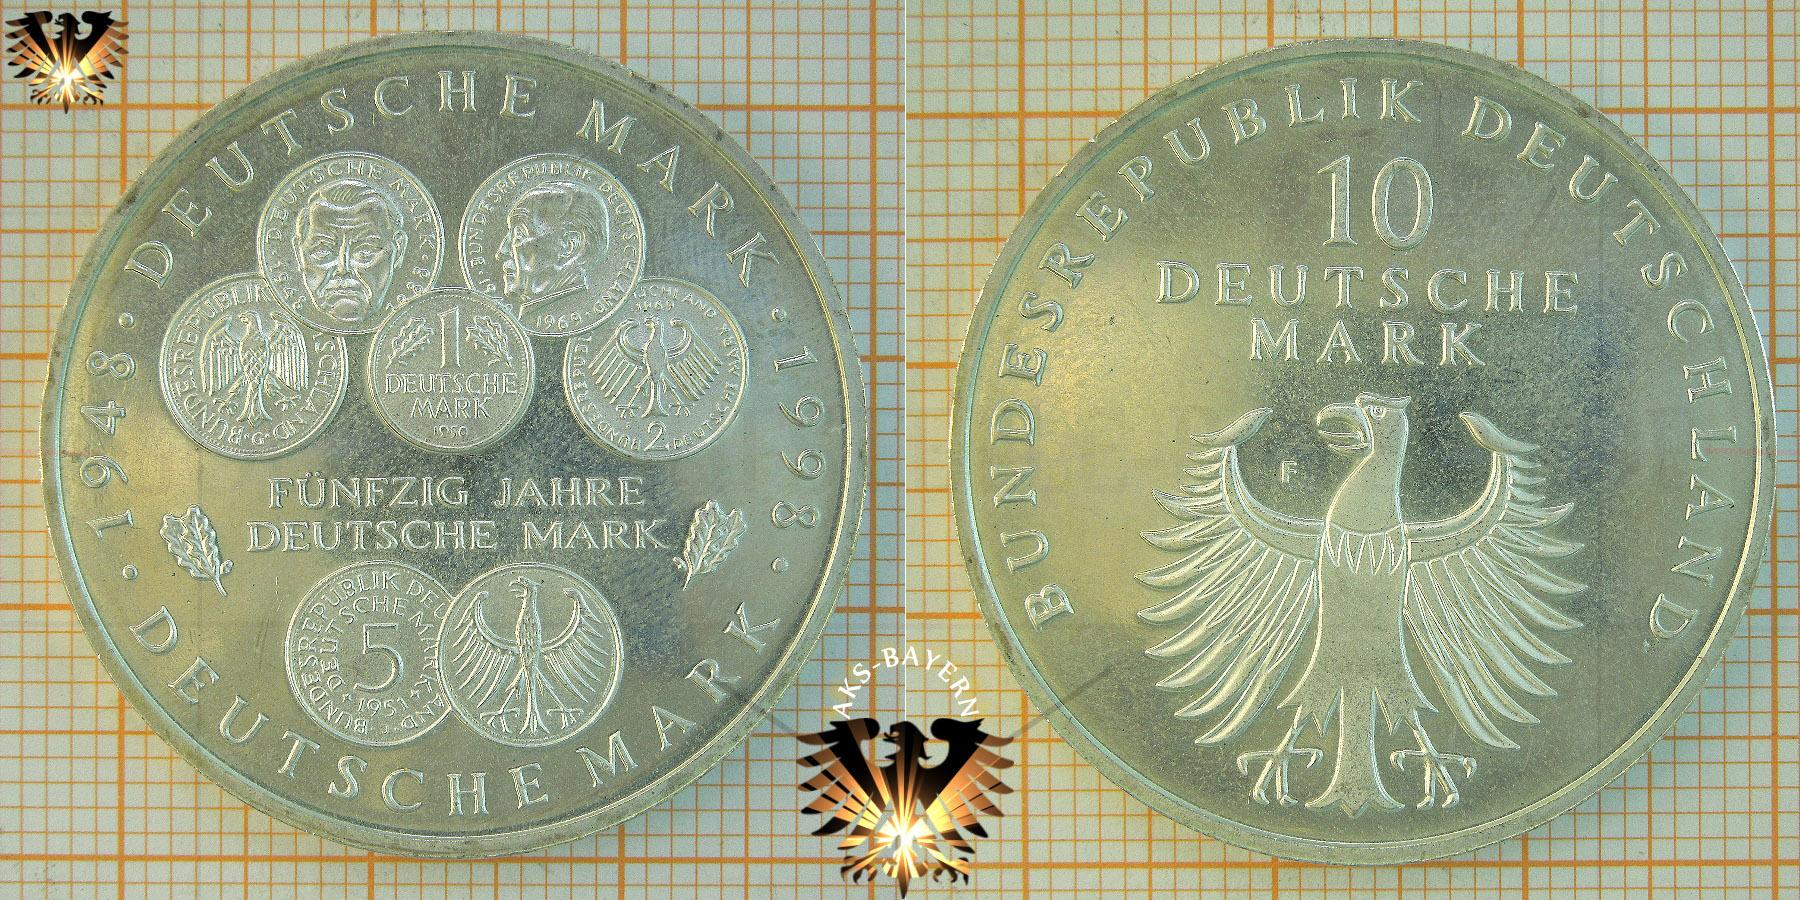 10 Dm Brd 1998 F 50 Jahre Deutsche Mark 1948 1998